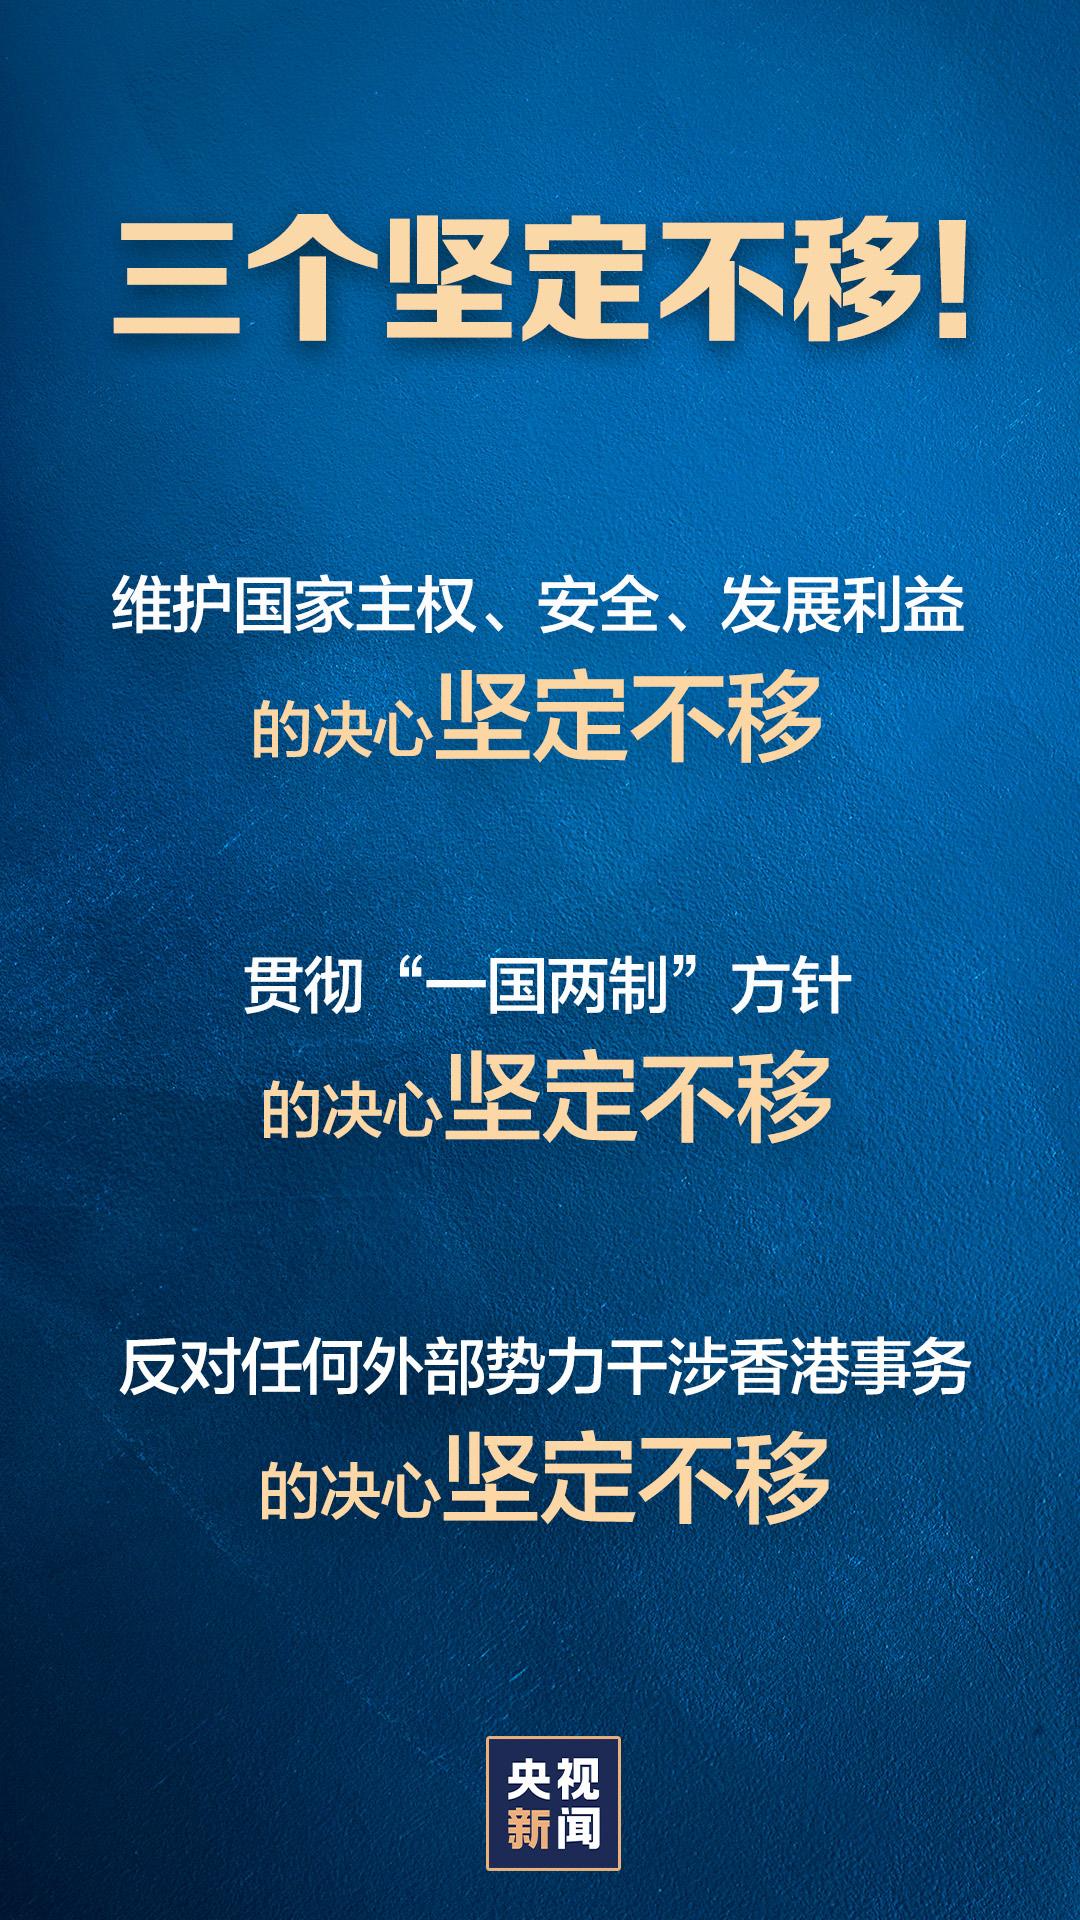 中方对涉港表现恶劣的美方人员实施签证限制